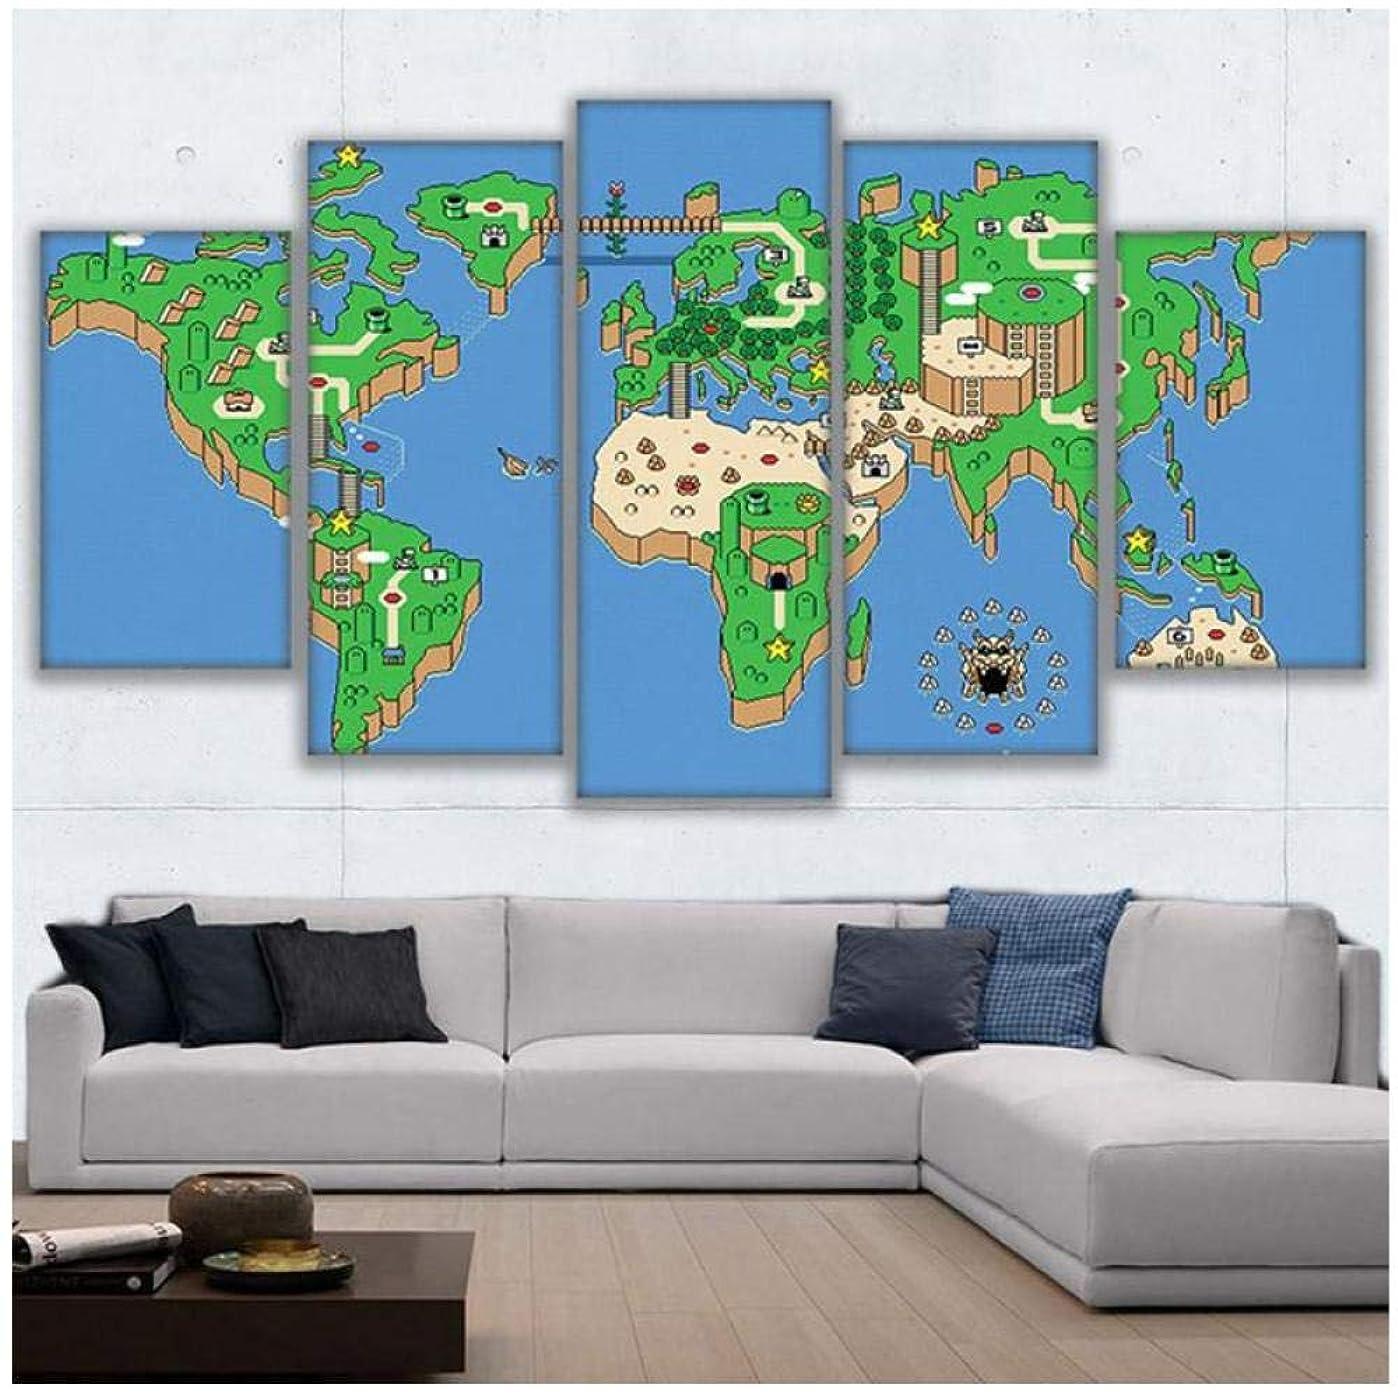 最小化する壊滅的なカイウスキャンバスウォールアート写真家の装飾リビングルーム5ピース絵画hdプリントゲーム世界地図ポスター-30x40x2 30x60x2 30x80cm(フレームなし)